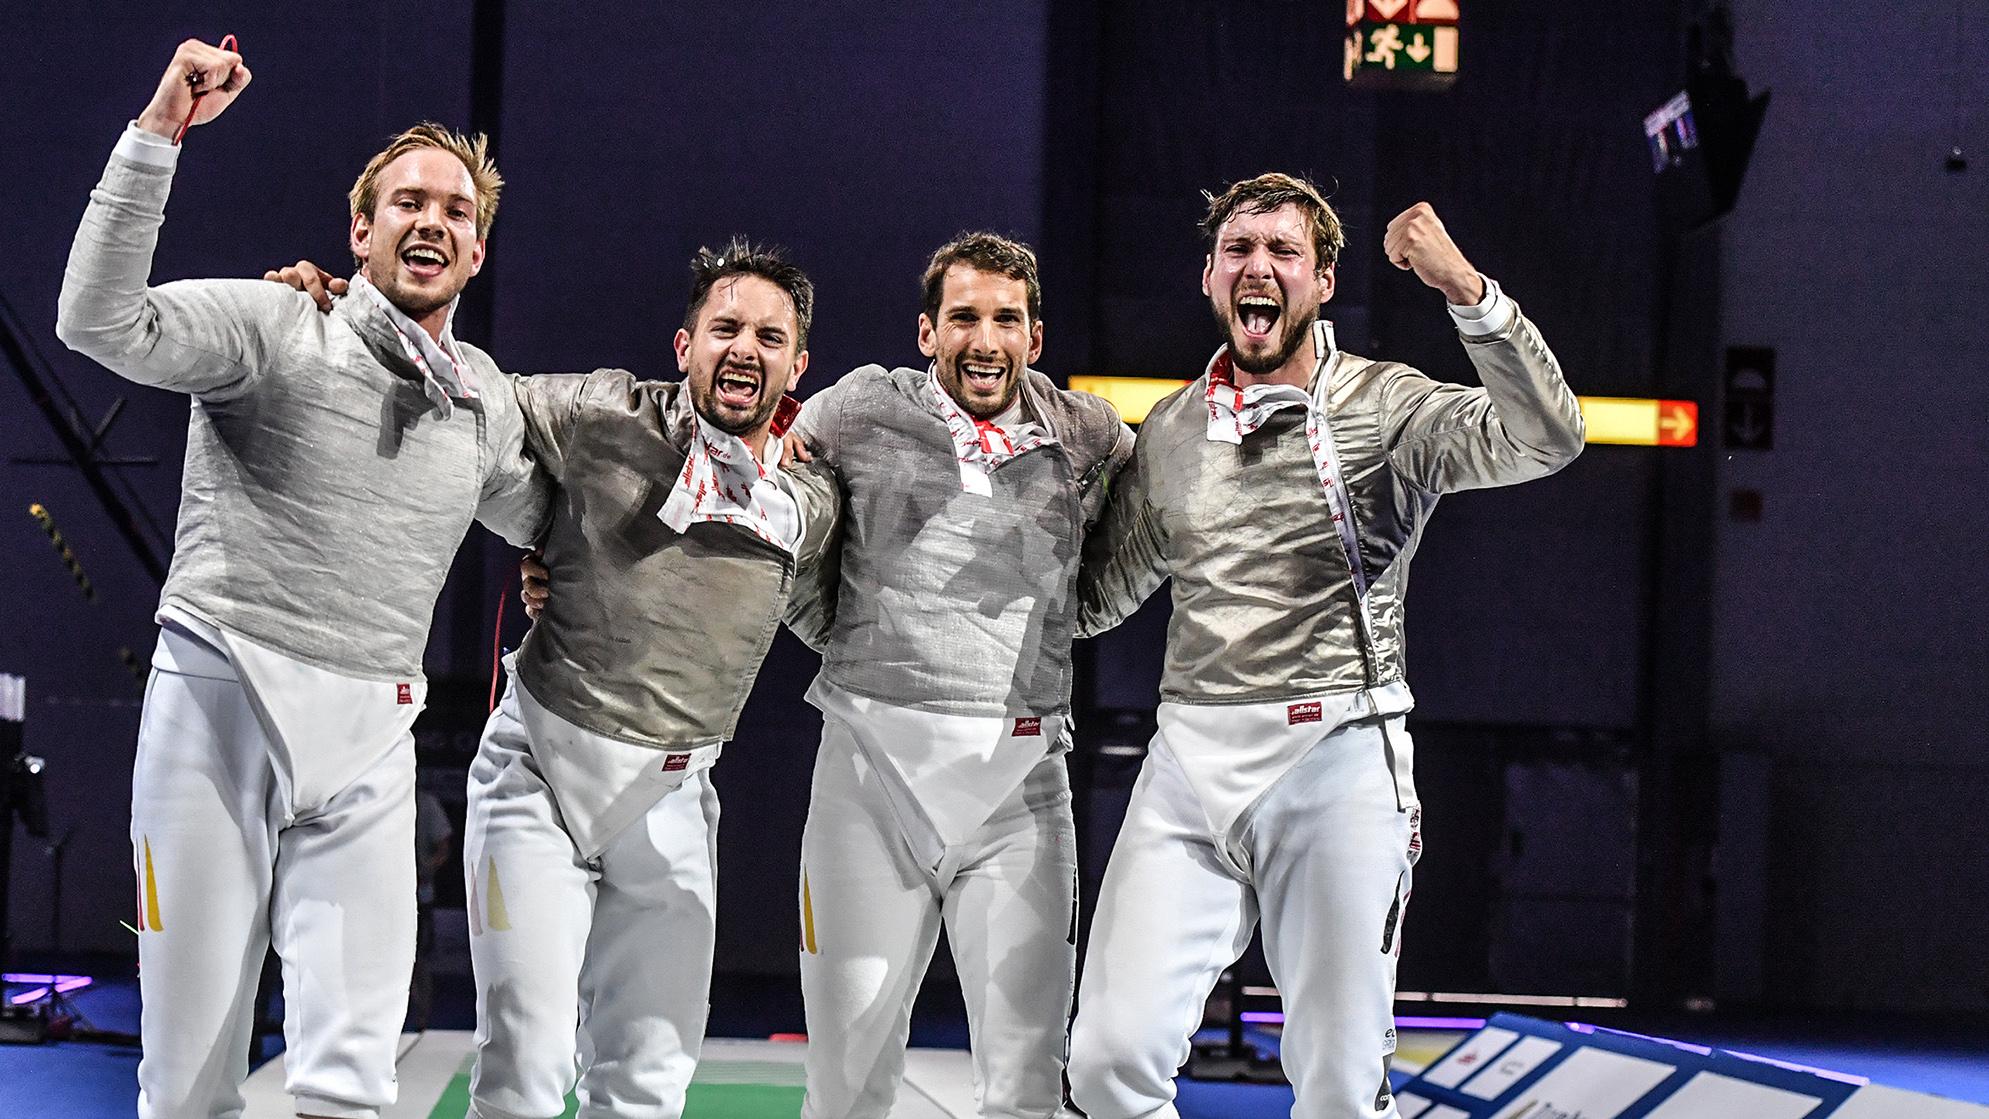 Fecht-Europameisterschaften 2019: Deutsche Säbelfechter Sind Europameister